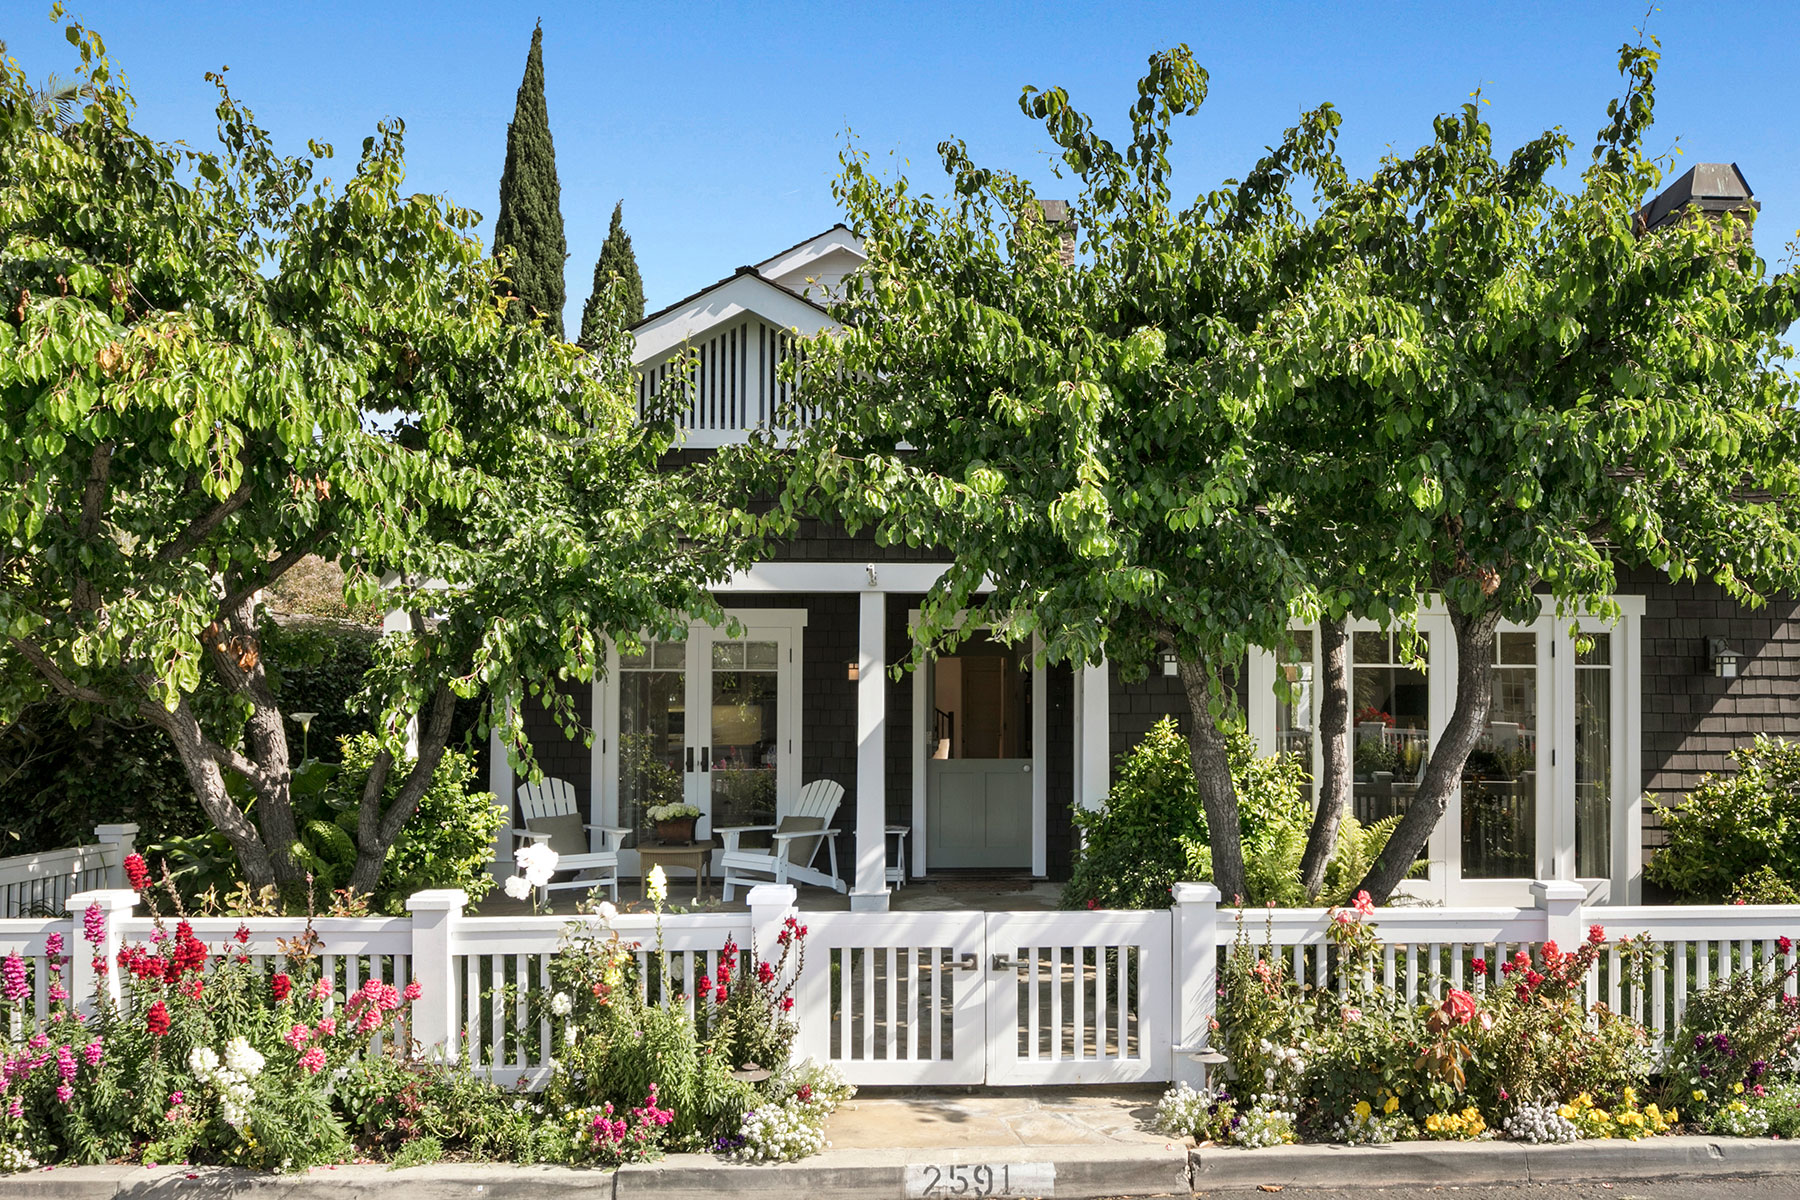 단독 가정 주택 용 매매 에 2591 Crestview Drive Newport Beach, 캘리포니아, 92663 미국